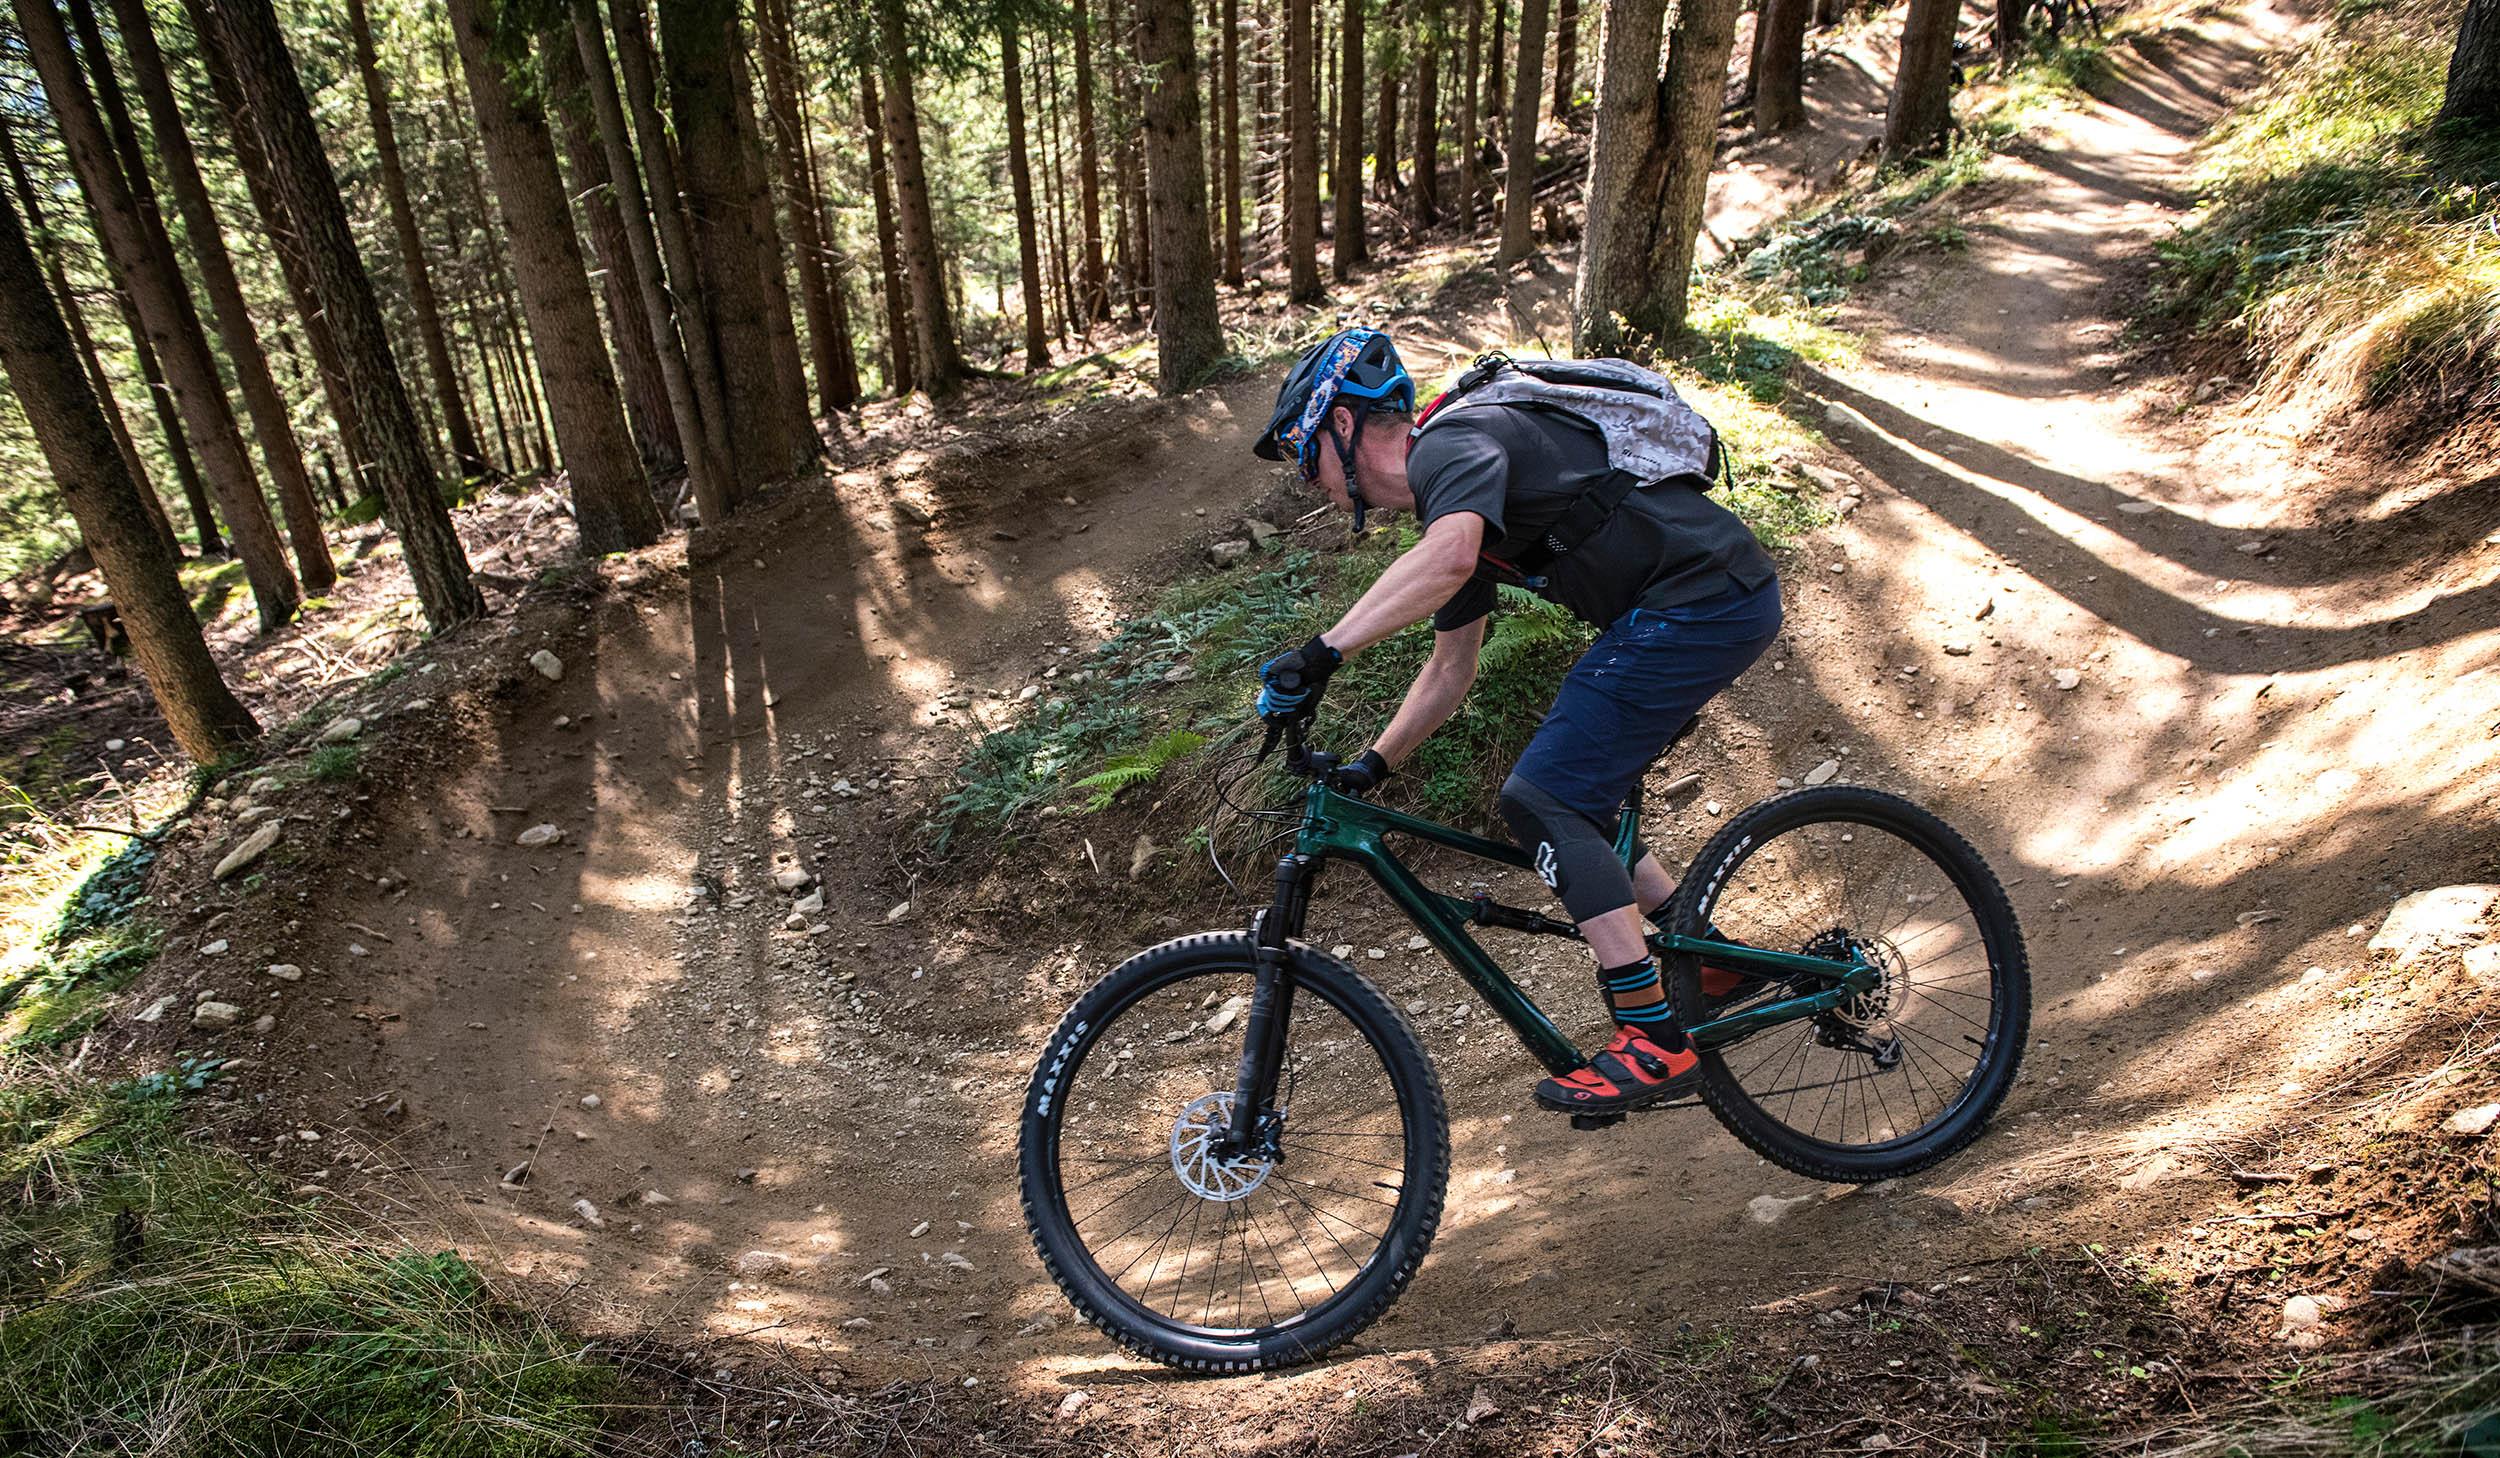 Mark test de Cannondale Habit 3 in Bikepark Mutters